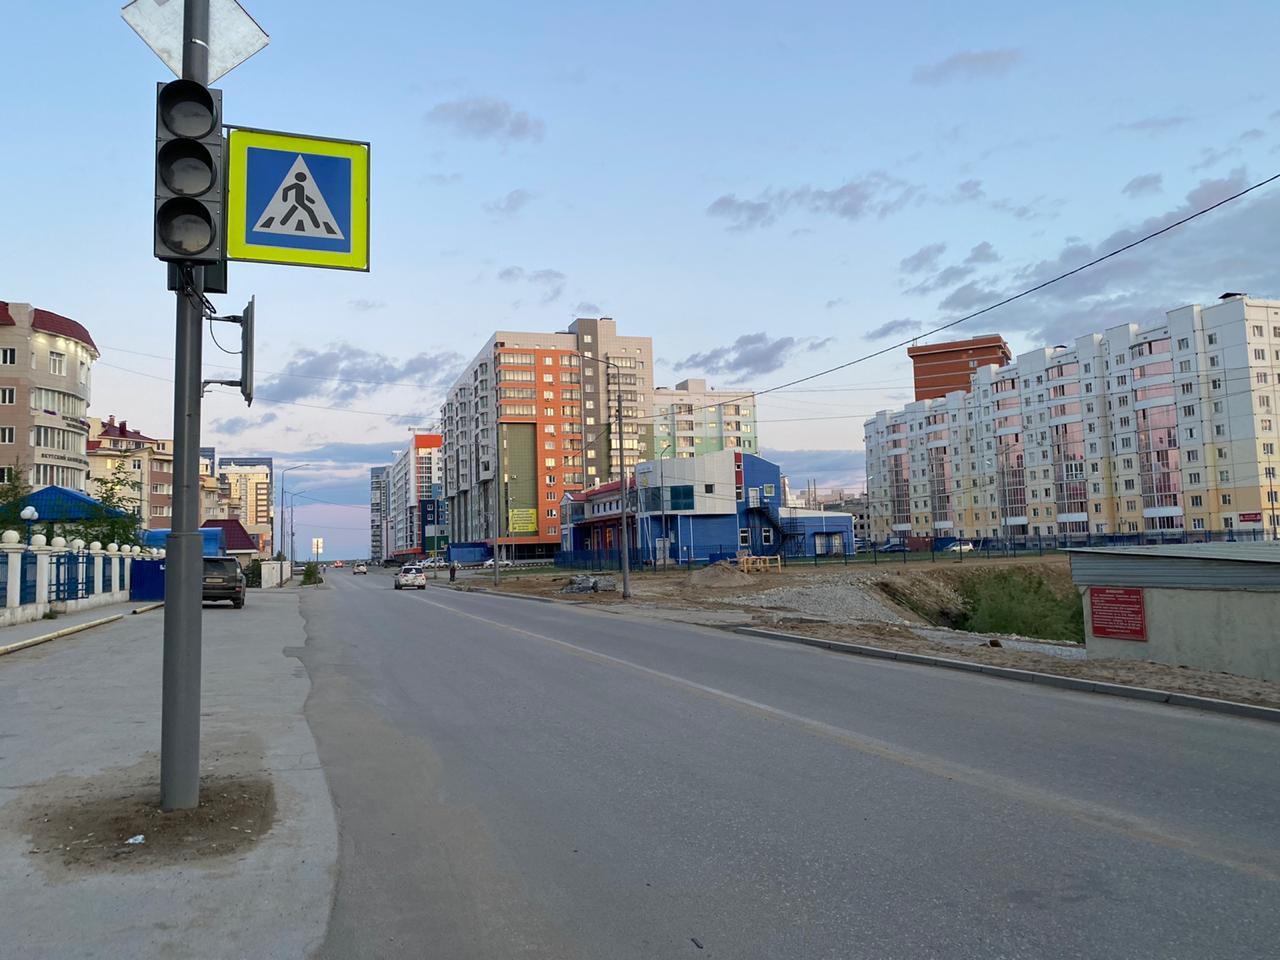 В Якутске продолжается ремонт переходящих объектов и гарантийные работы улично-дорожной сети